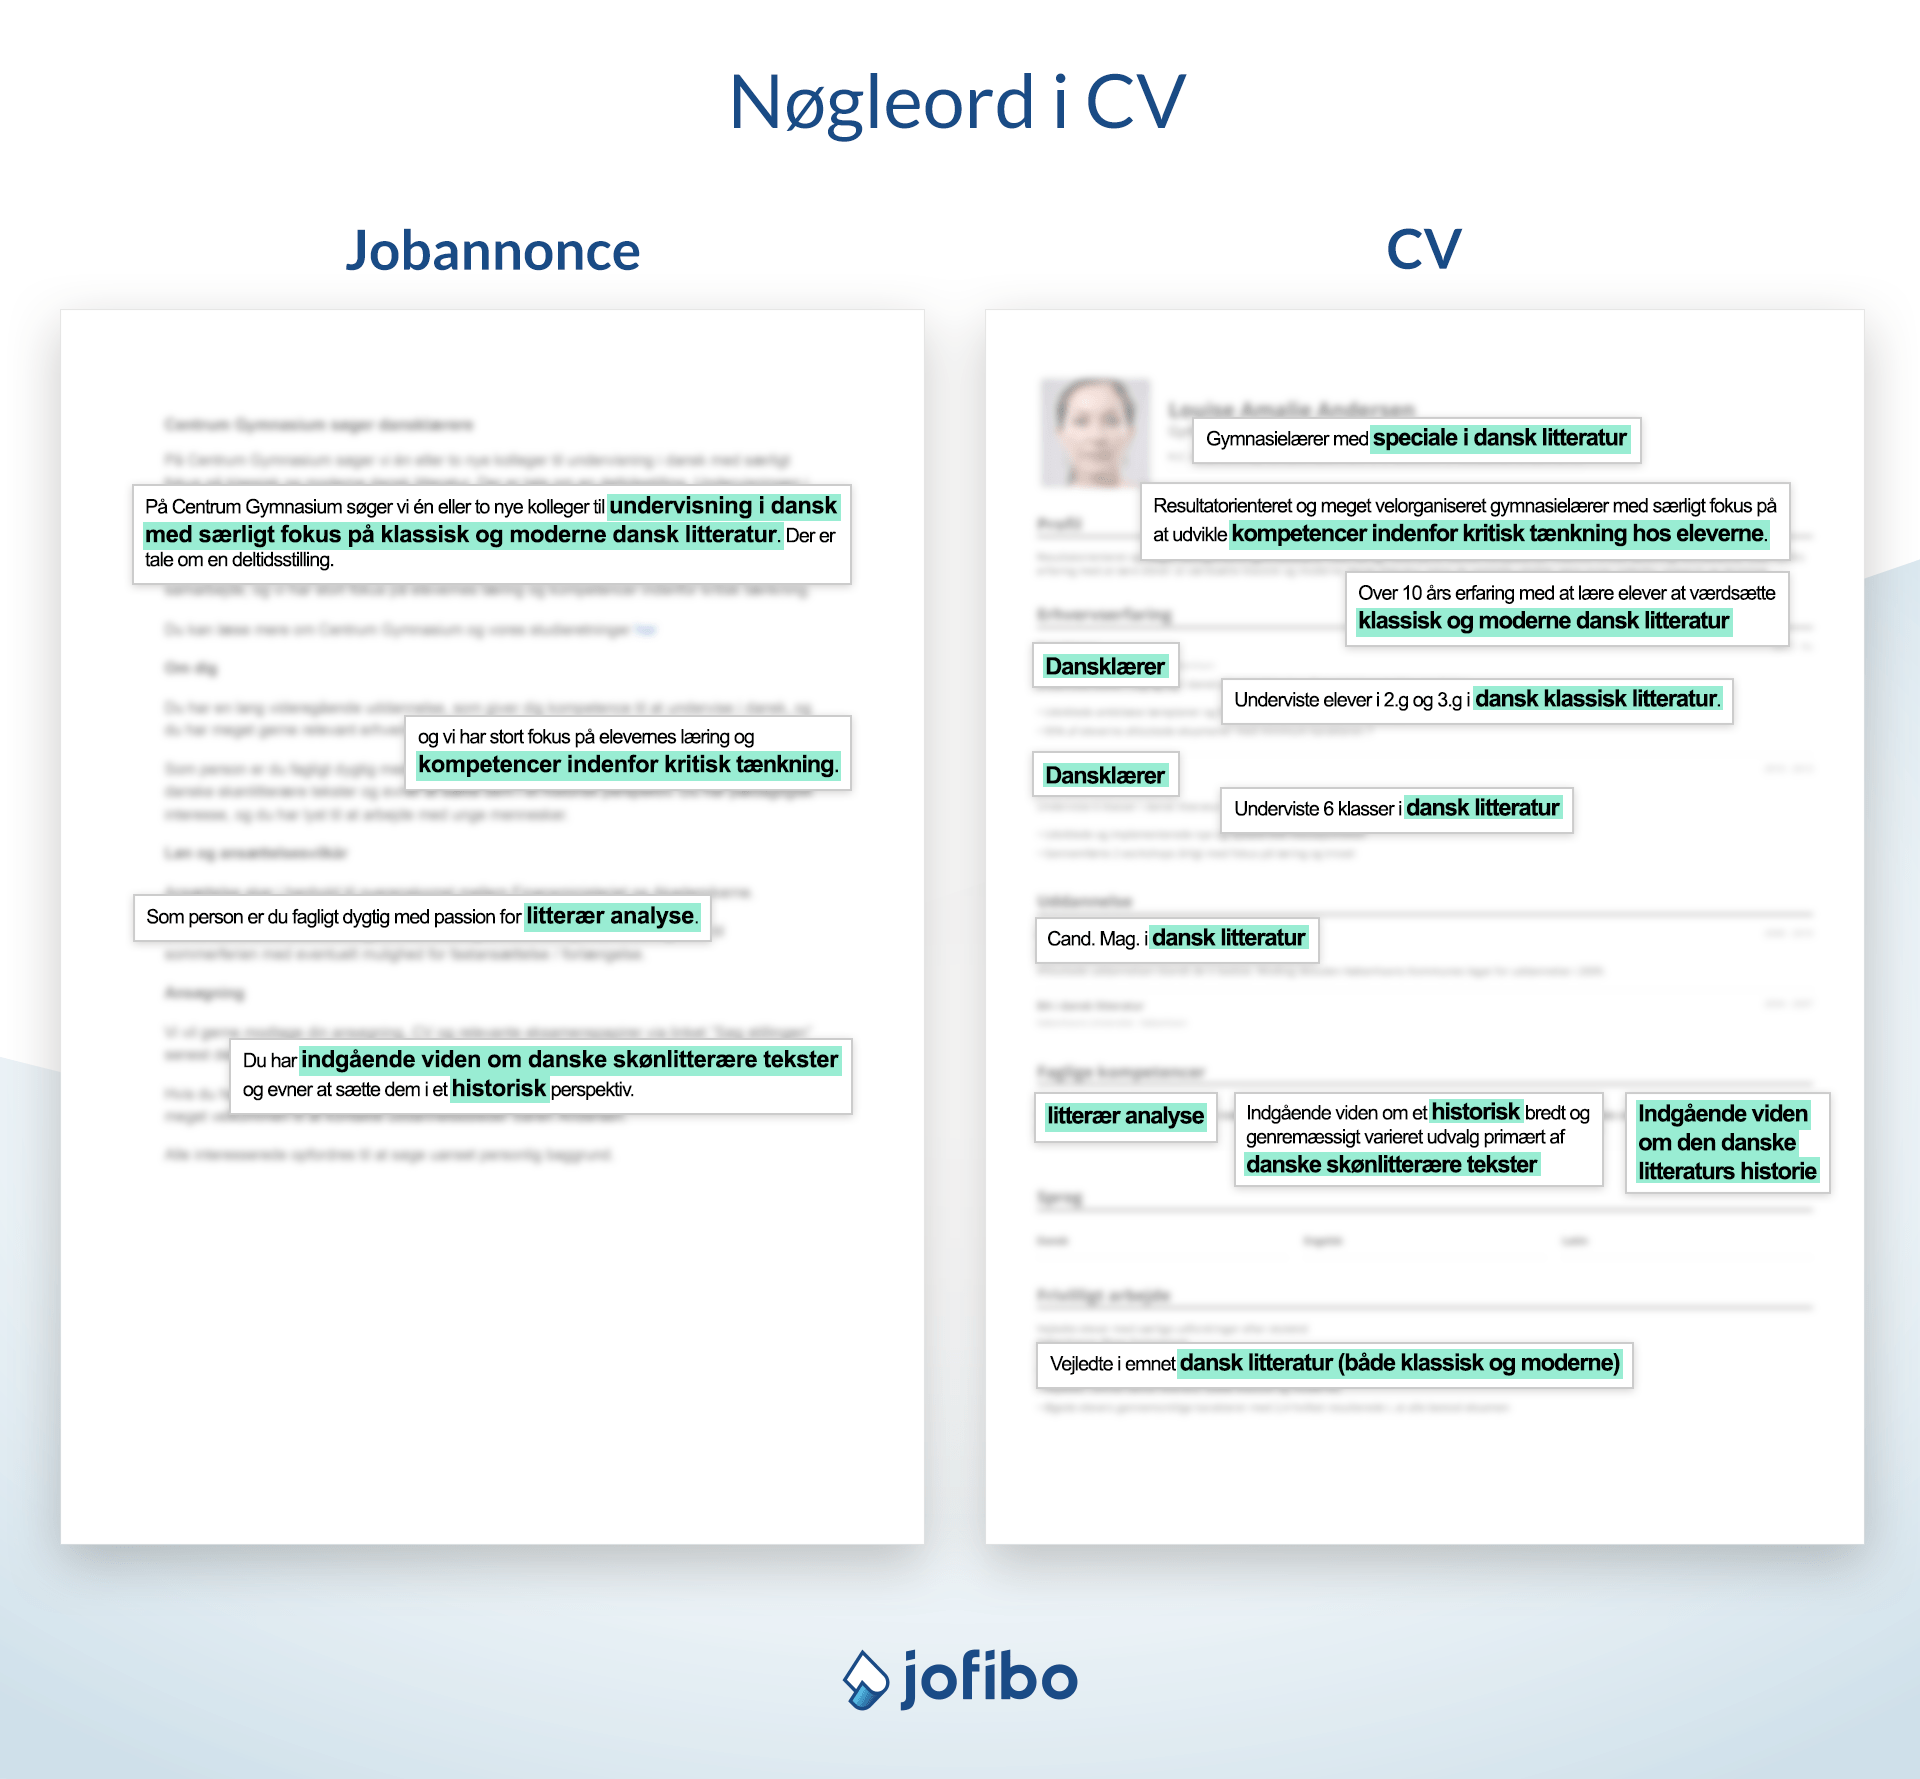 Billede af hvordan man matcher sine kompetencer på sit CV til nøgleord i jobannonce